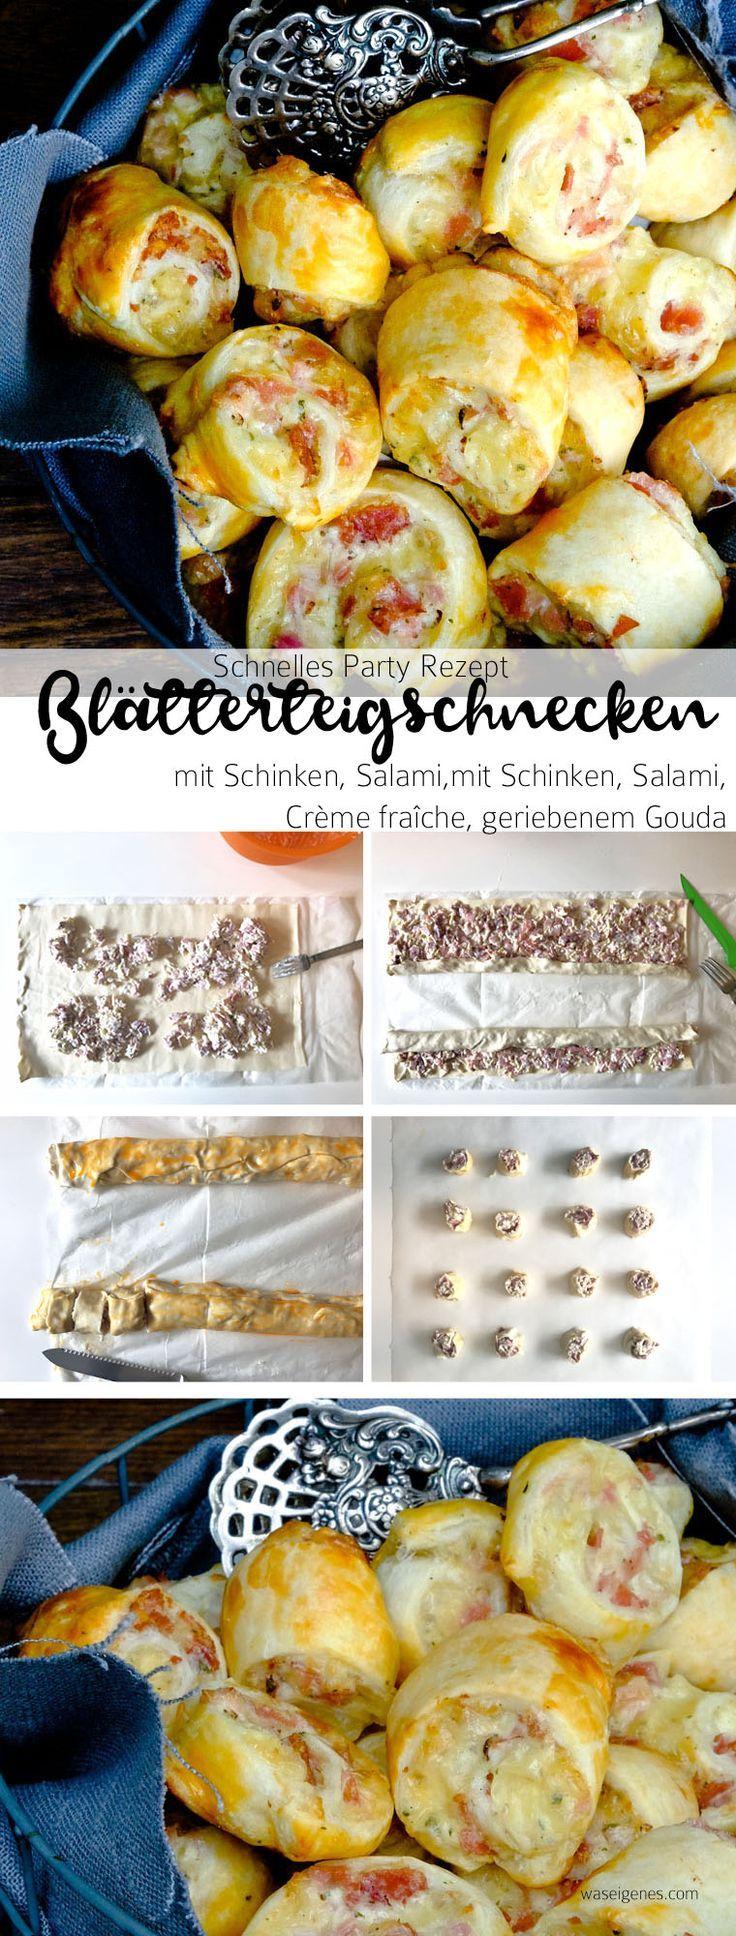 Schnelles Party Rezept: Blätterteigschnecken mit Schinken, Salami und Käse.